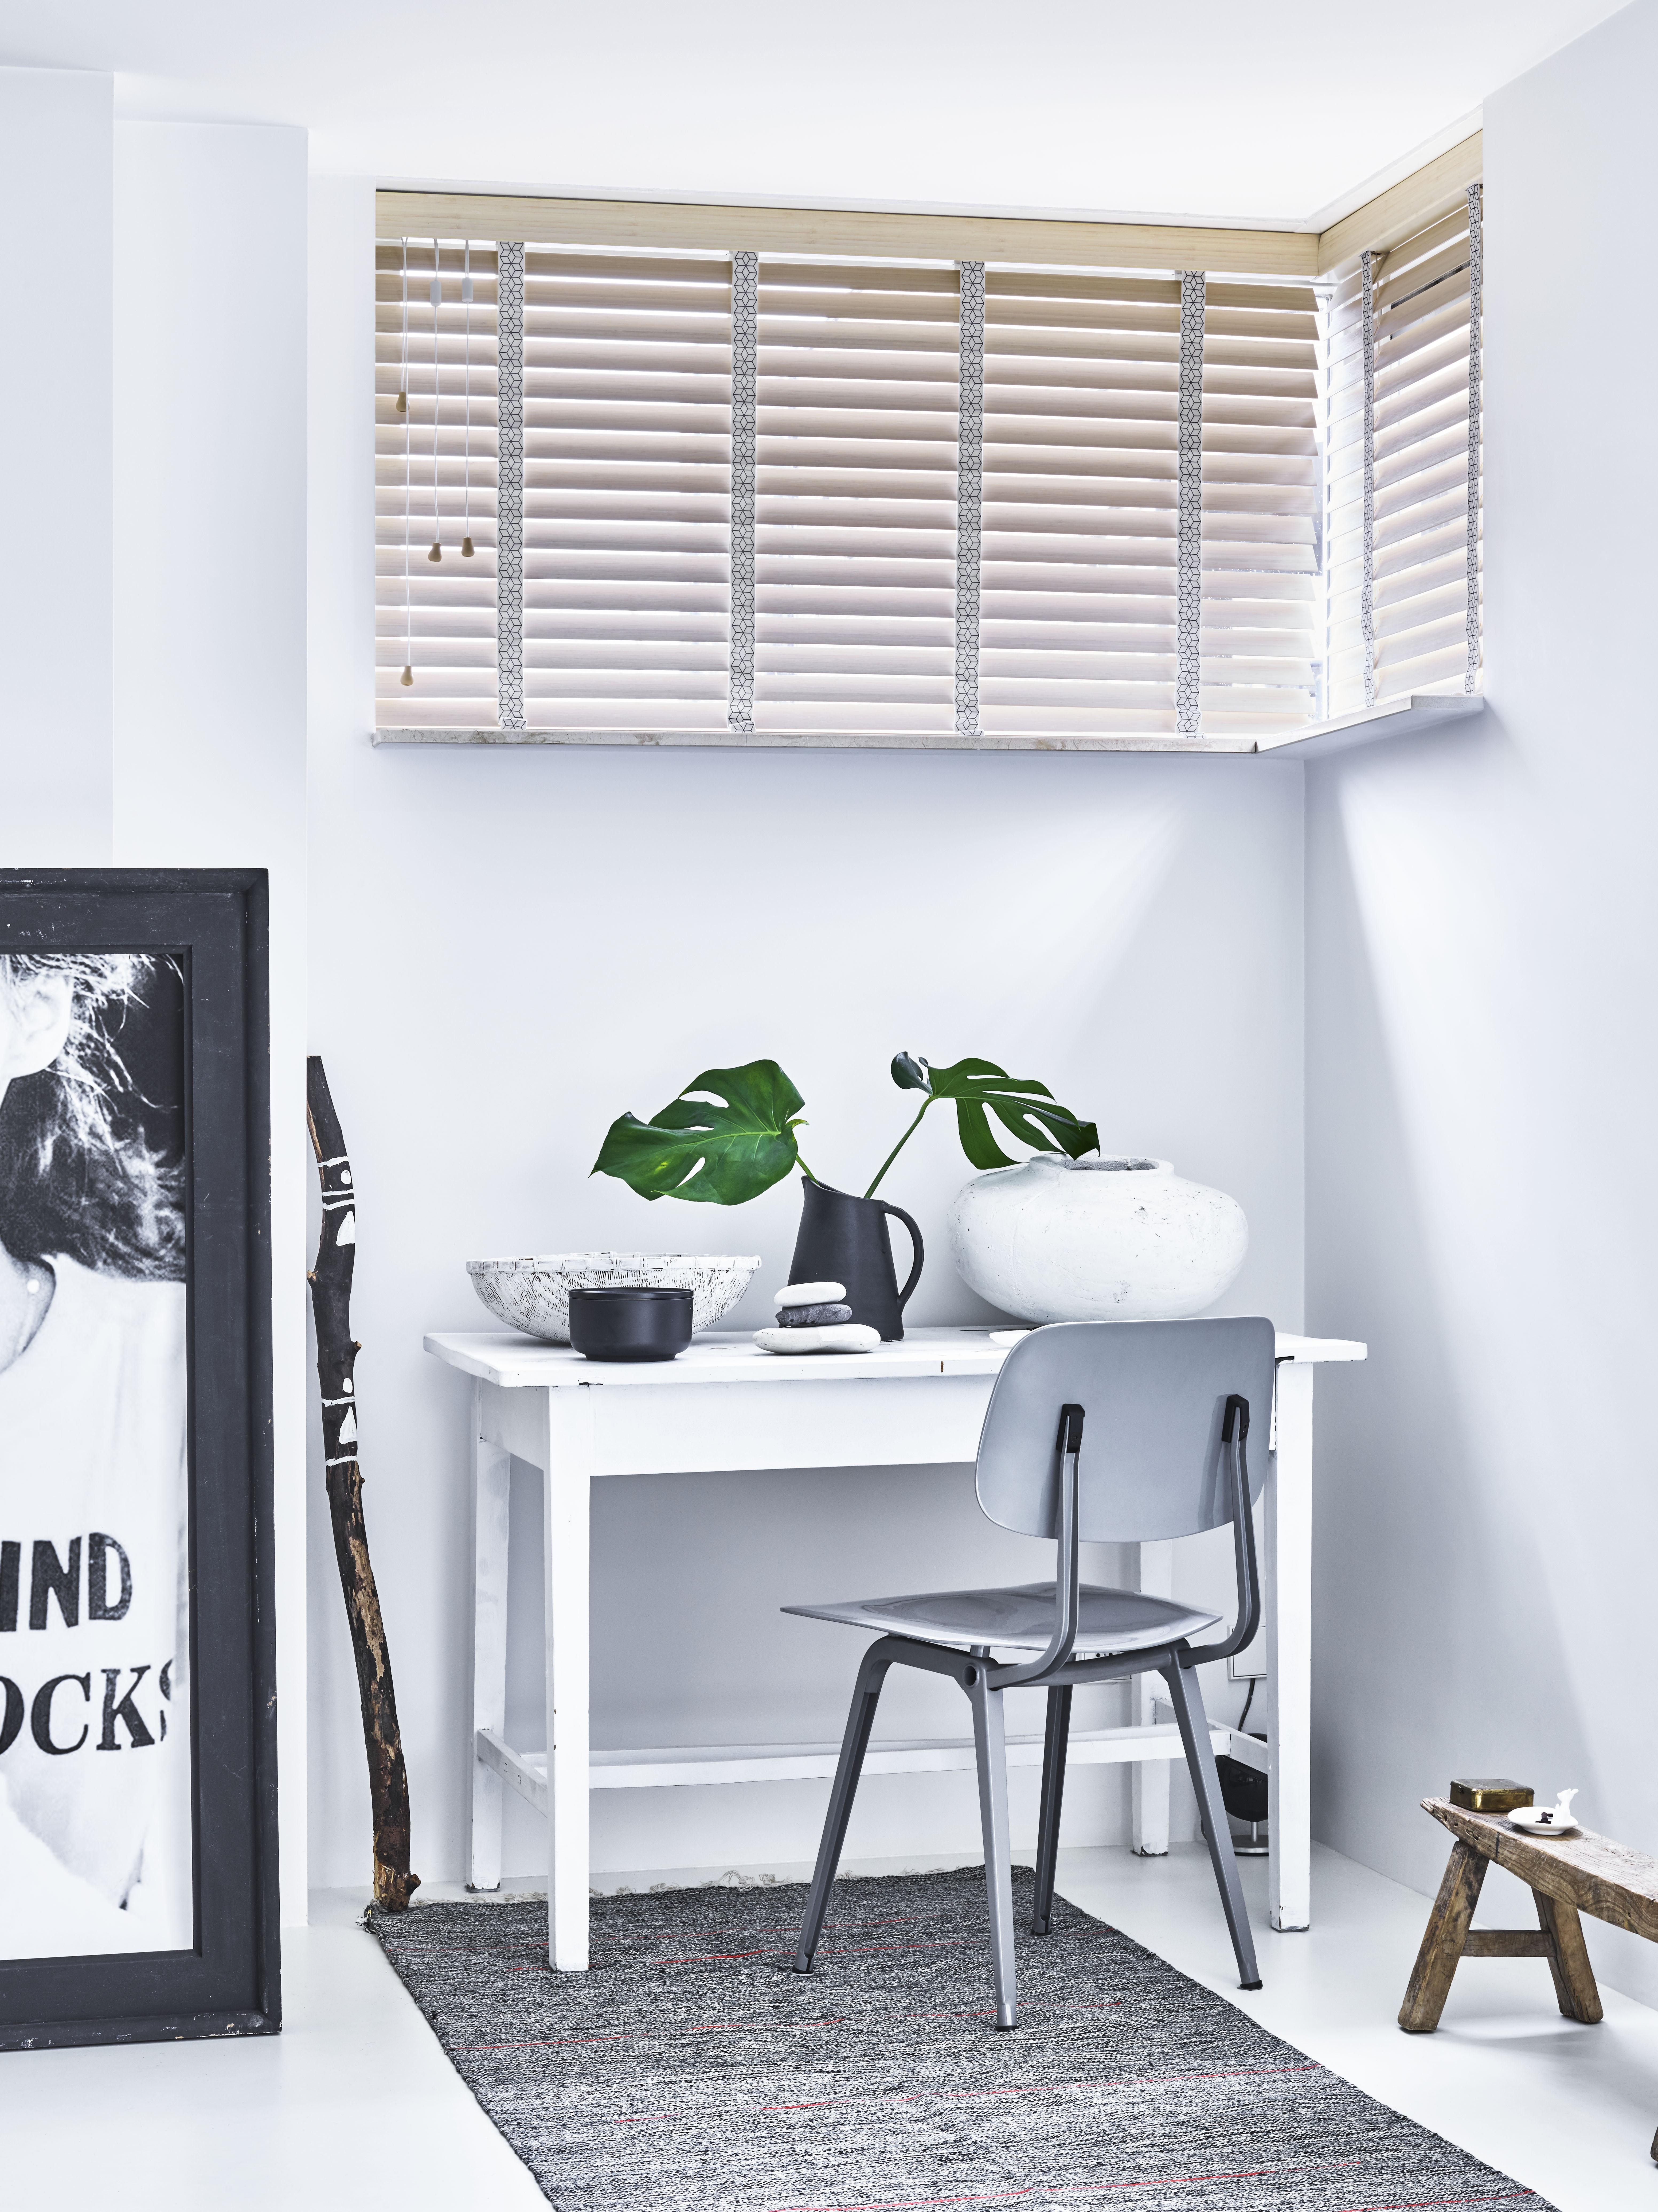 https://cdn.inhuisplaza.nl/images/Nieuwe%20website/houten-jaloezieen-slaapkamer-7.jpg